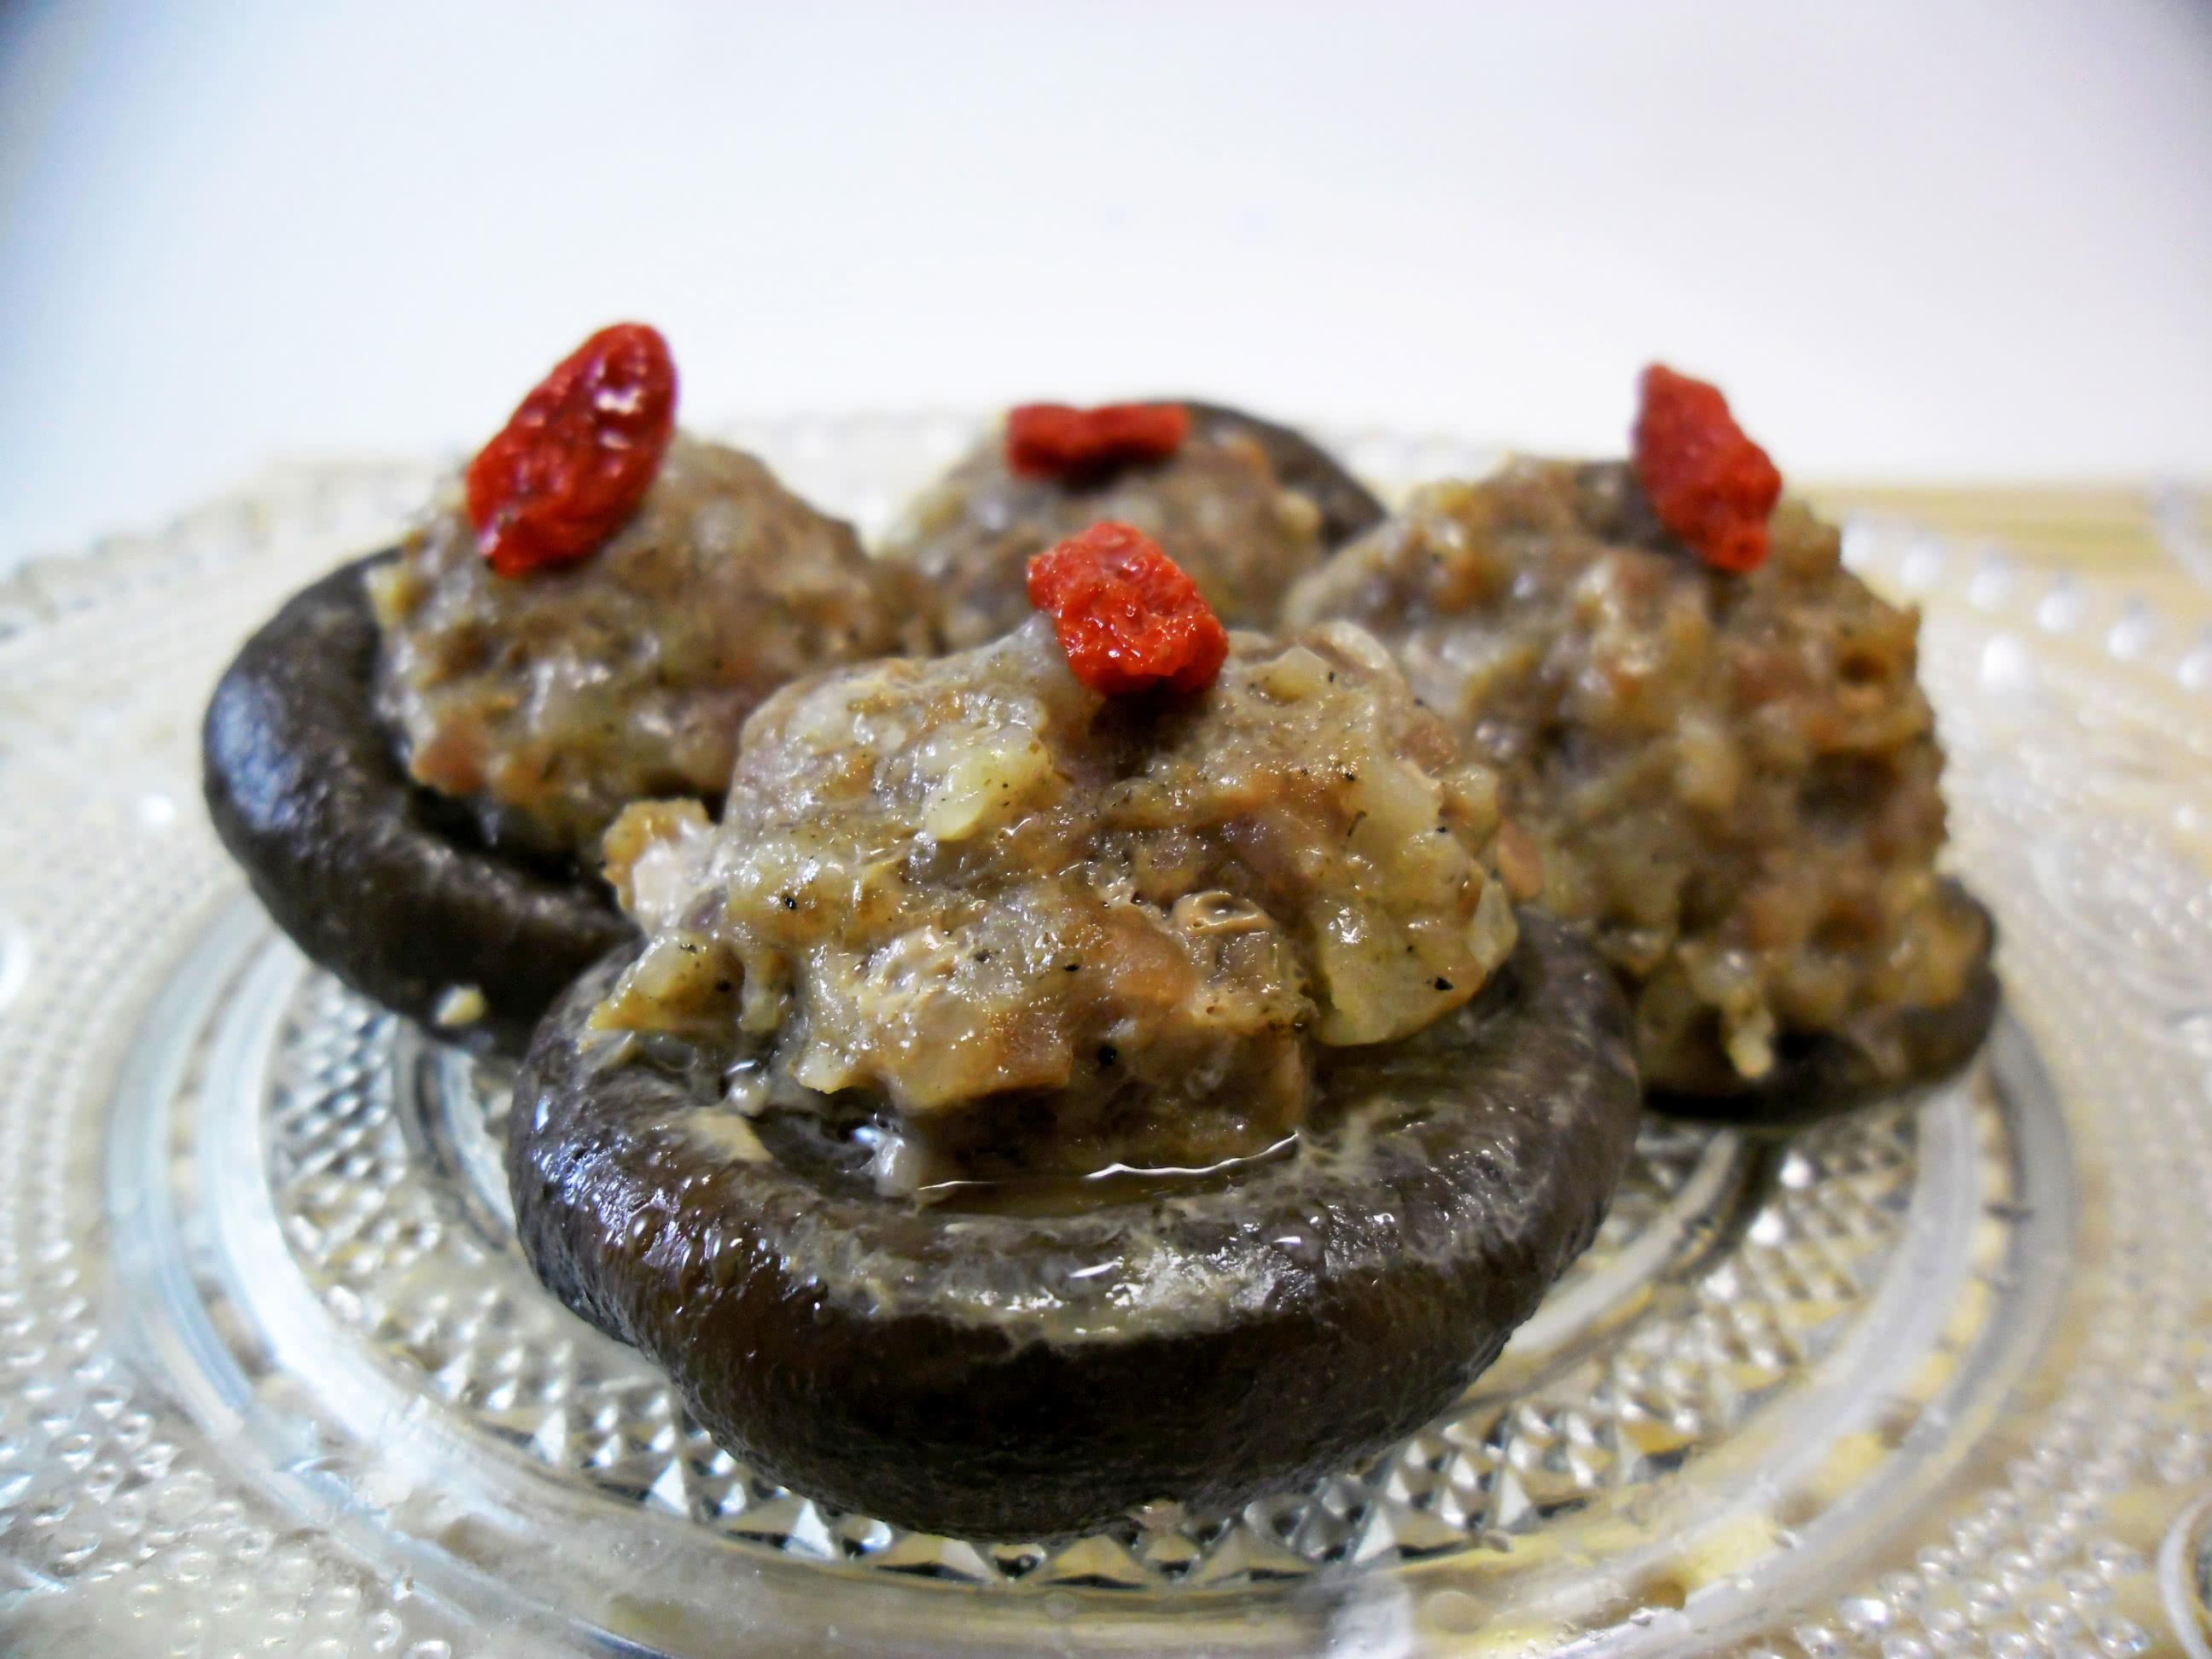 香菇酿的做法_【图解】香菇酿怎么做好吃_拾光机_家常